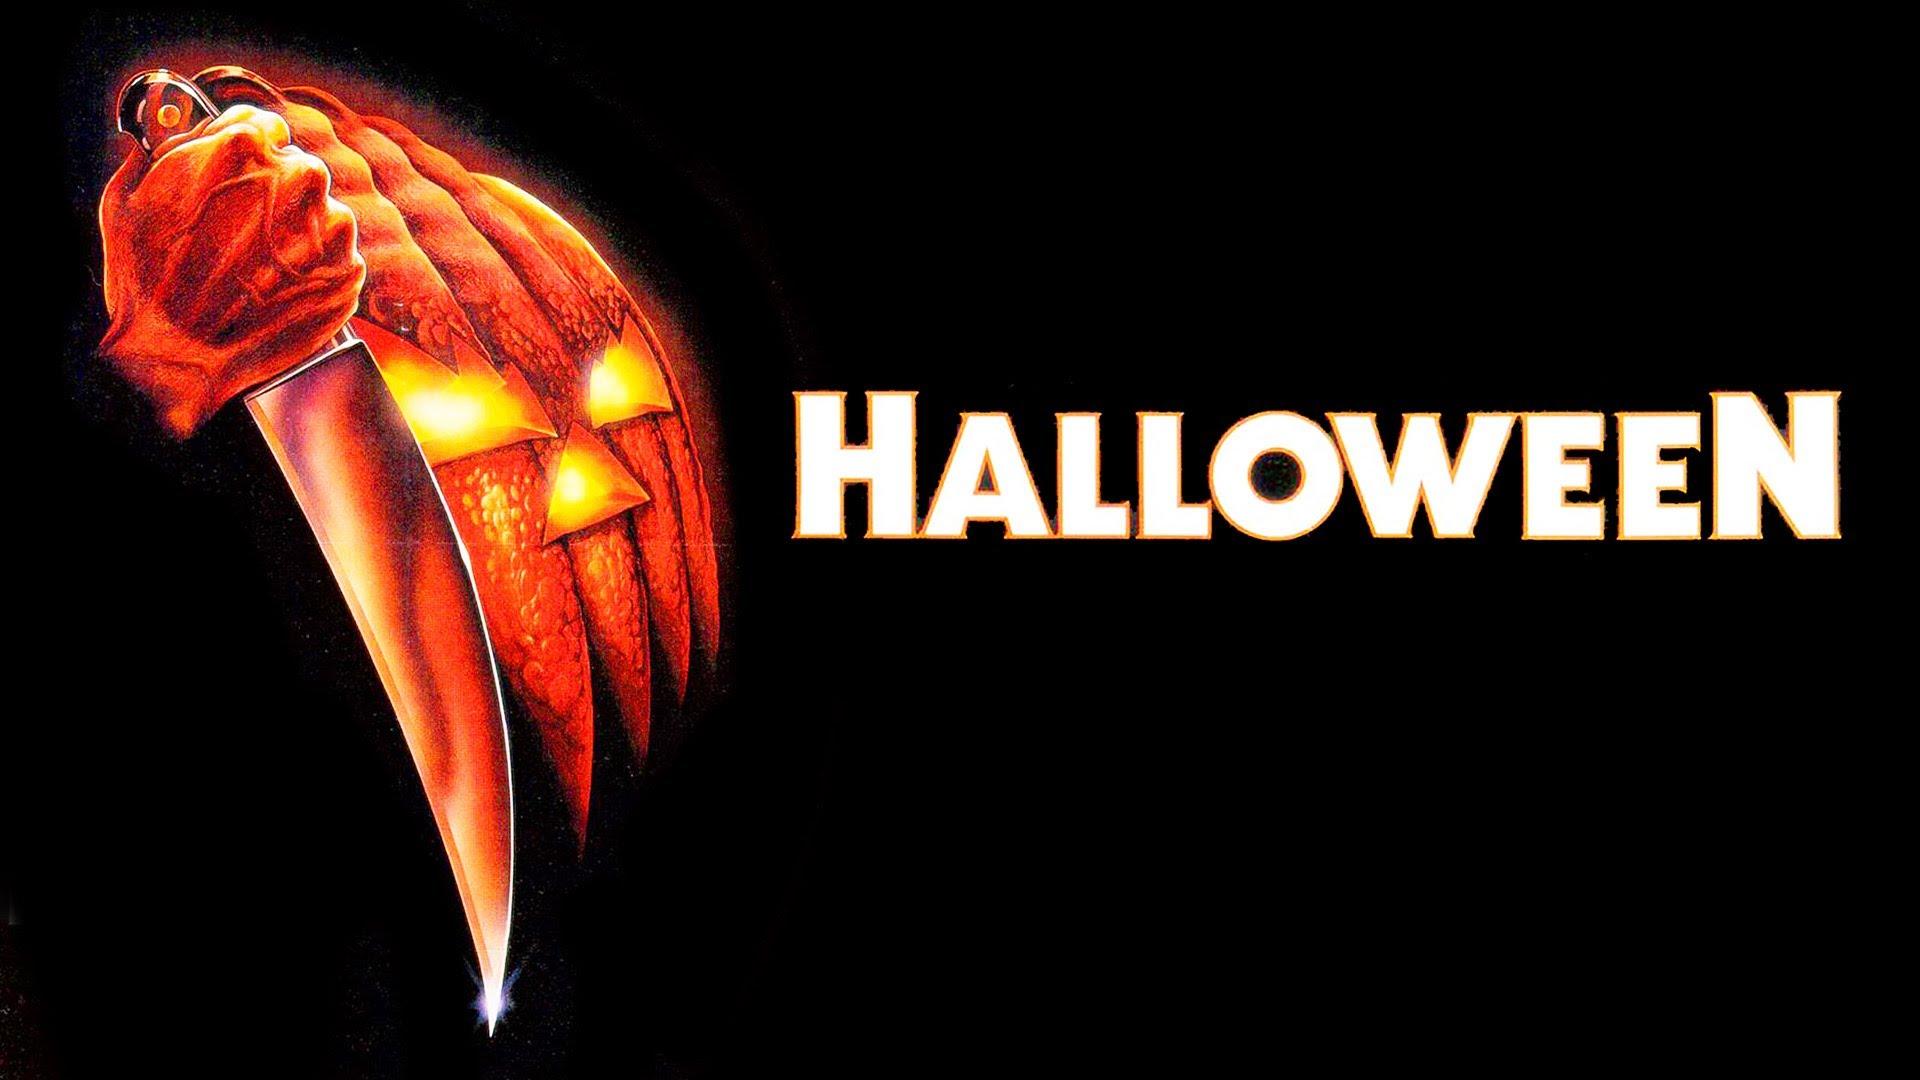 Halloween 1978 Wallpaper.Halloween 1978 Wallpapers Movie Hq Halloween 1978 Pictures 4k Wallpapers 2019